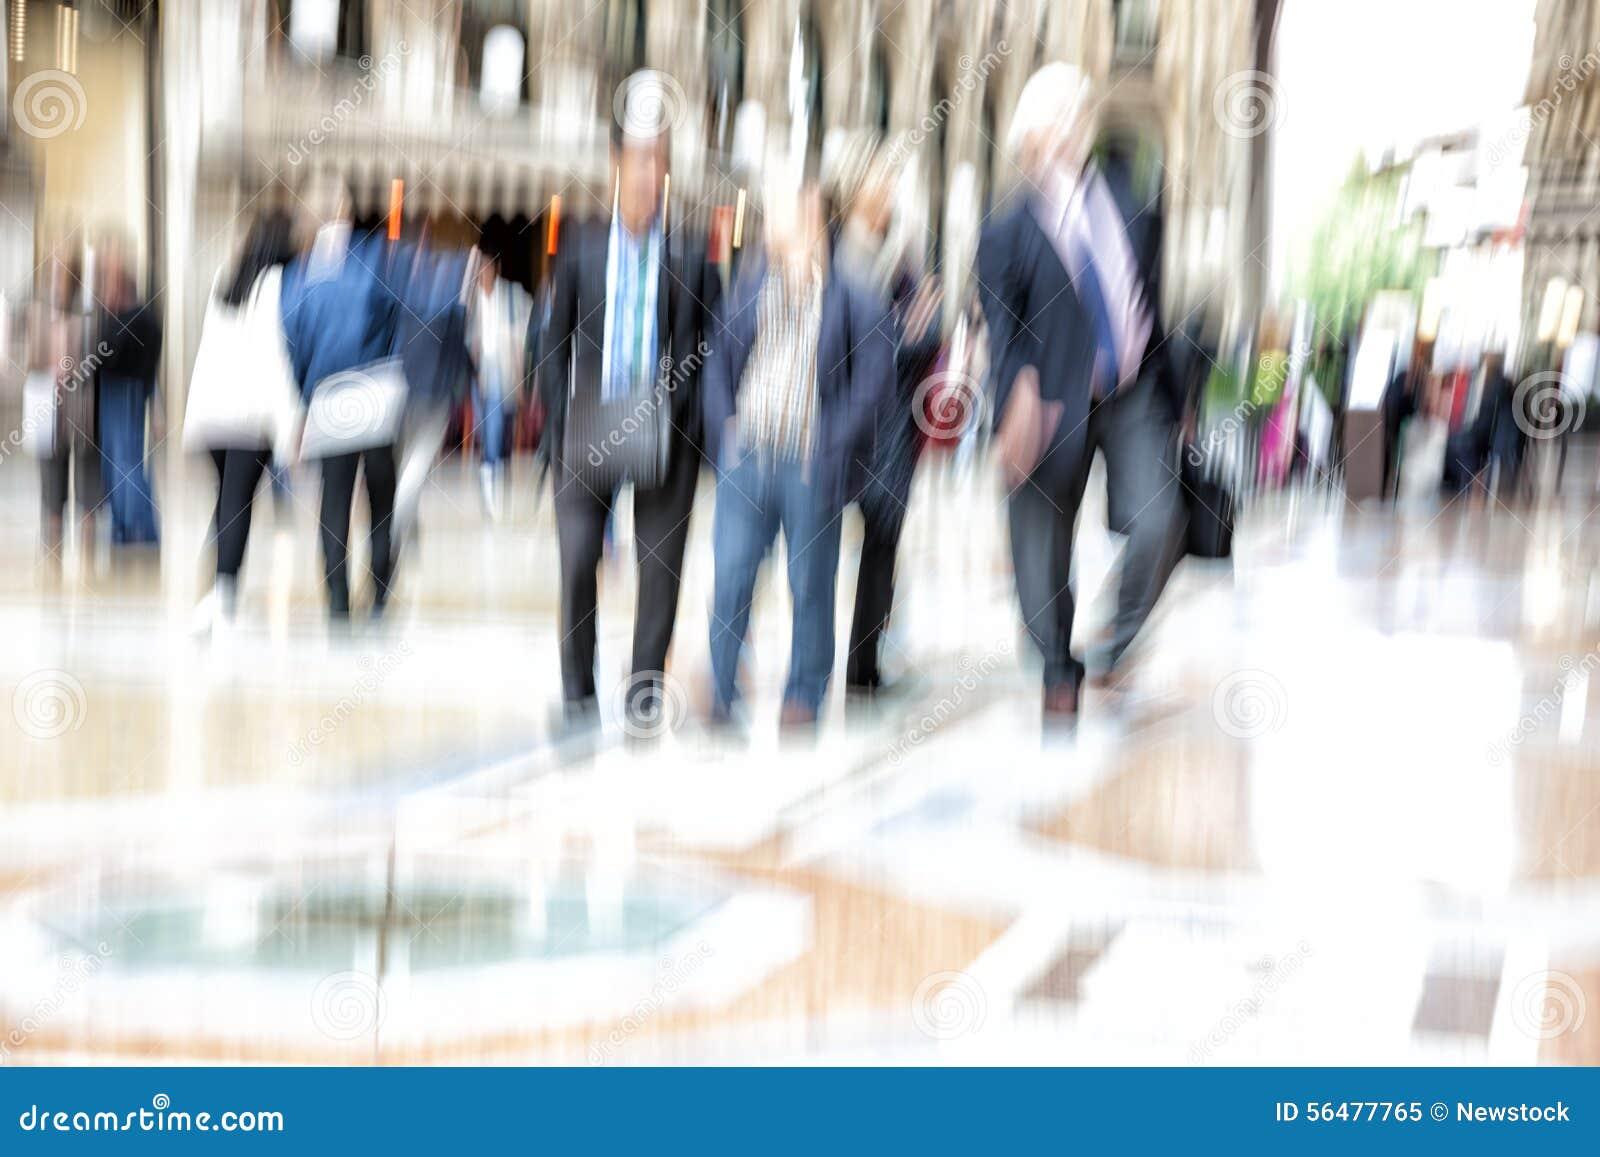 Mouvement urbain, les gens marchant dans la ville, tache floue de mouvement, effet de bourdonnement